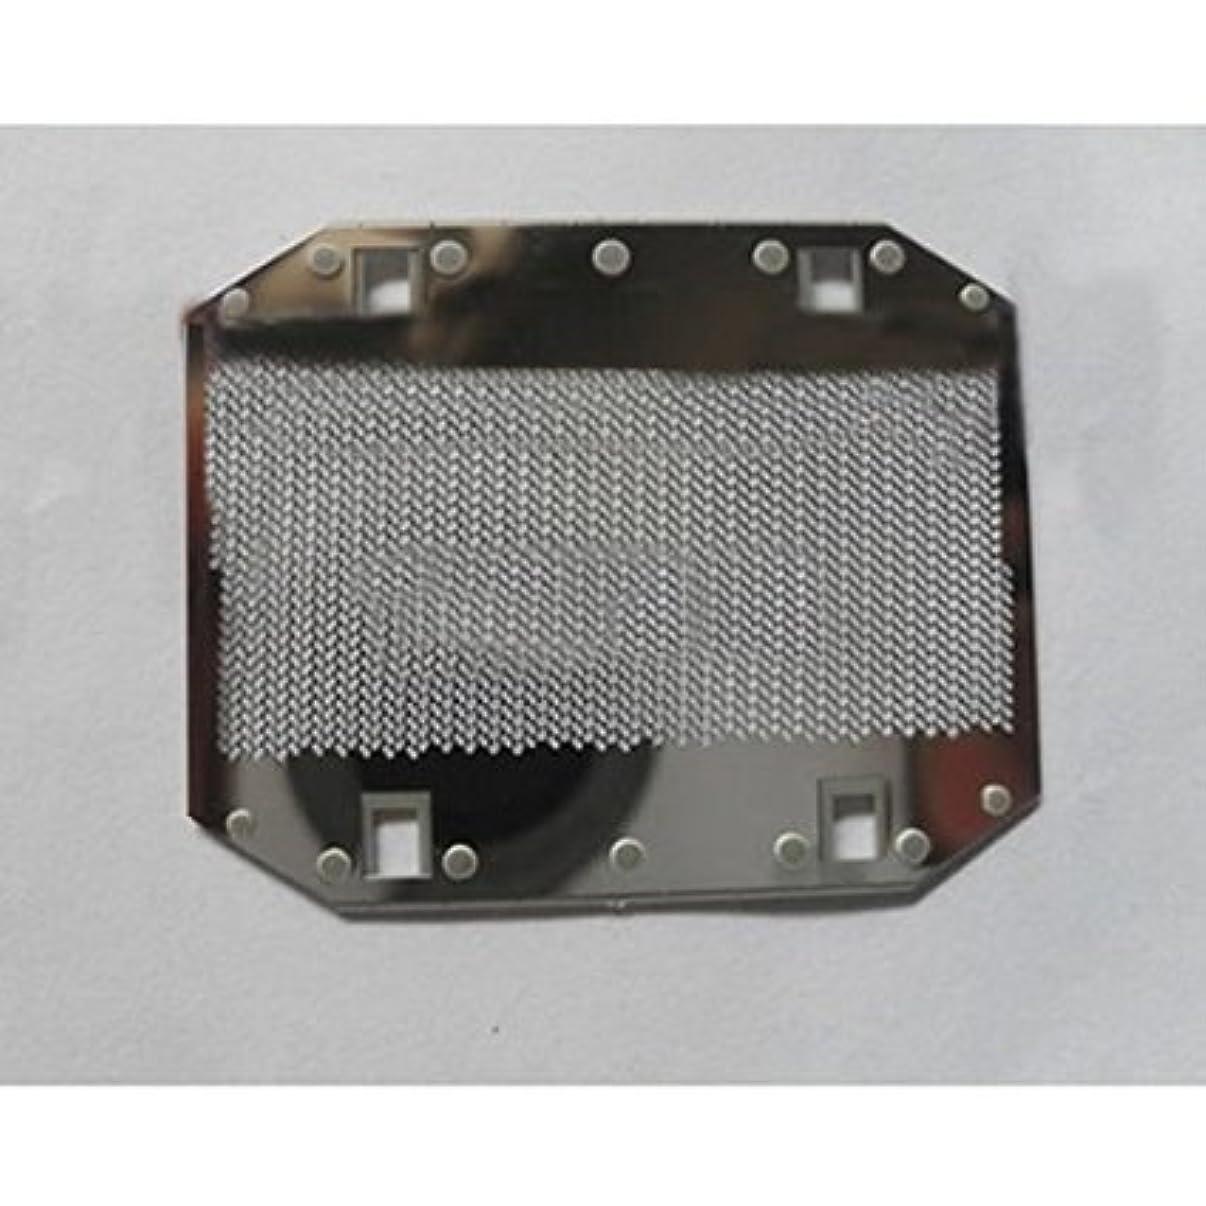 引き渡す前進歴史的Linyuan 安定した品質 Shaver Outer Foil for ES3042 ES3831 ES-RC30 ES3801 ES9943C